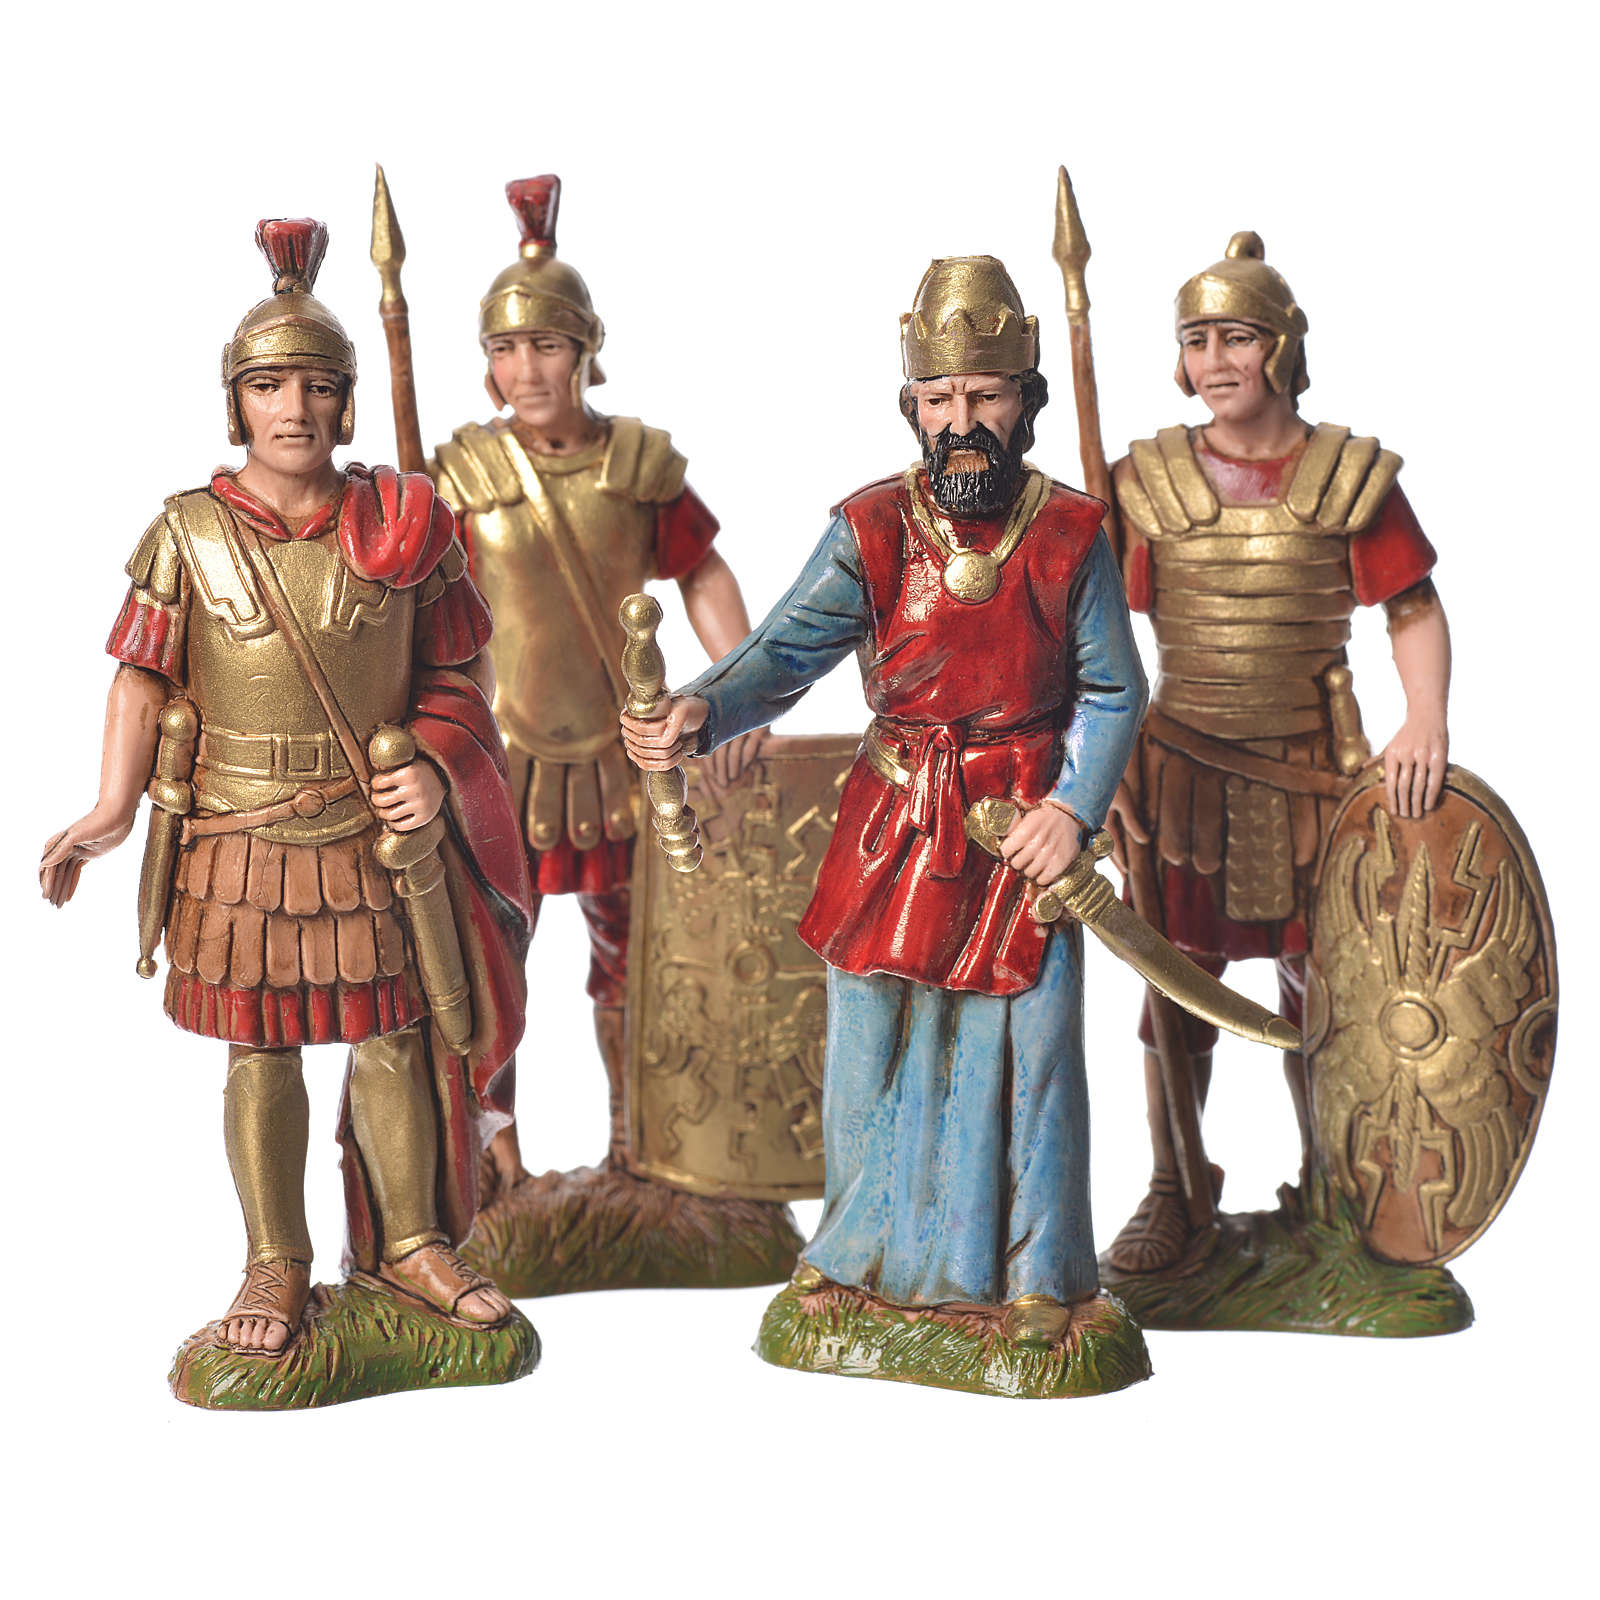 Rei Herodes com soldados presépio Moranduzzo com figuras de  altura média 10 cm 4 peças 4